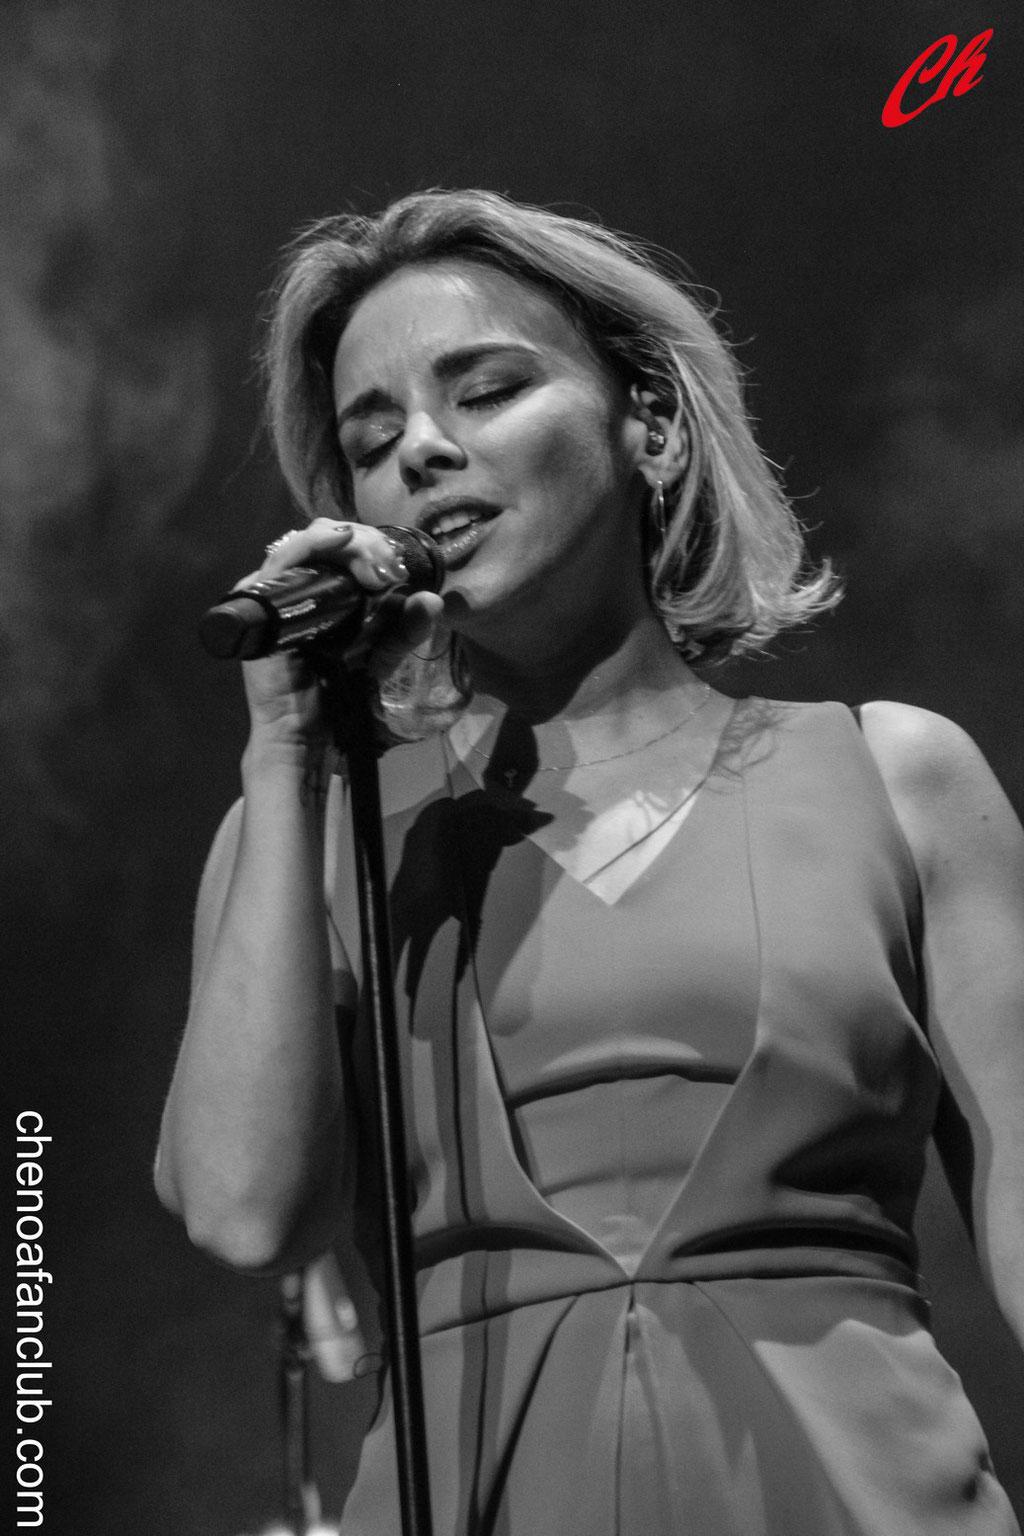 Concierto Teatro Zorrilla (Valladolid) 07/10/2017 - Fotos Celia de la Vega